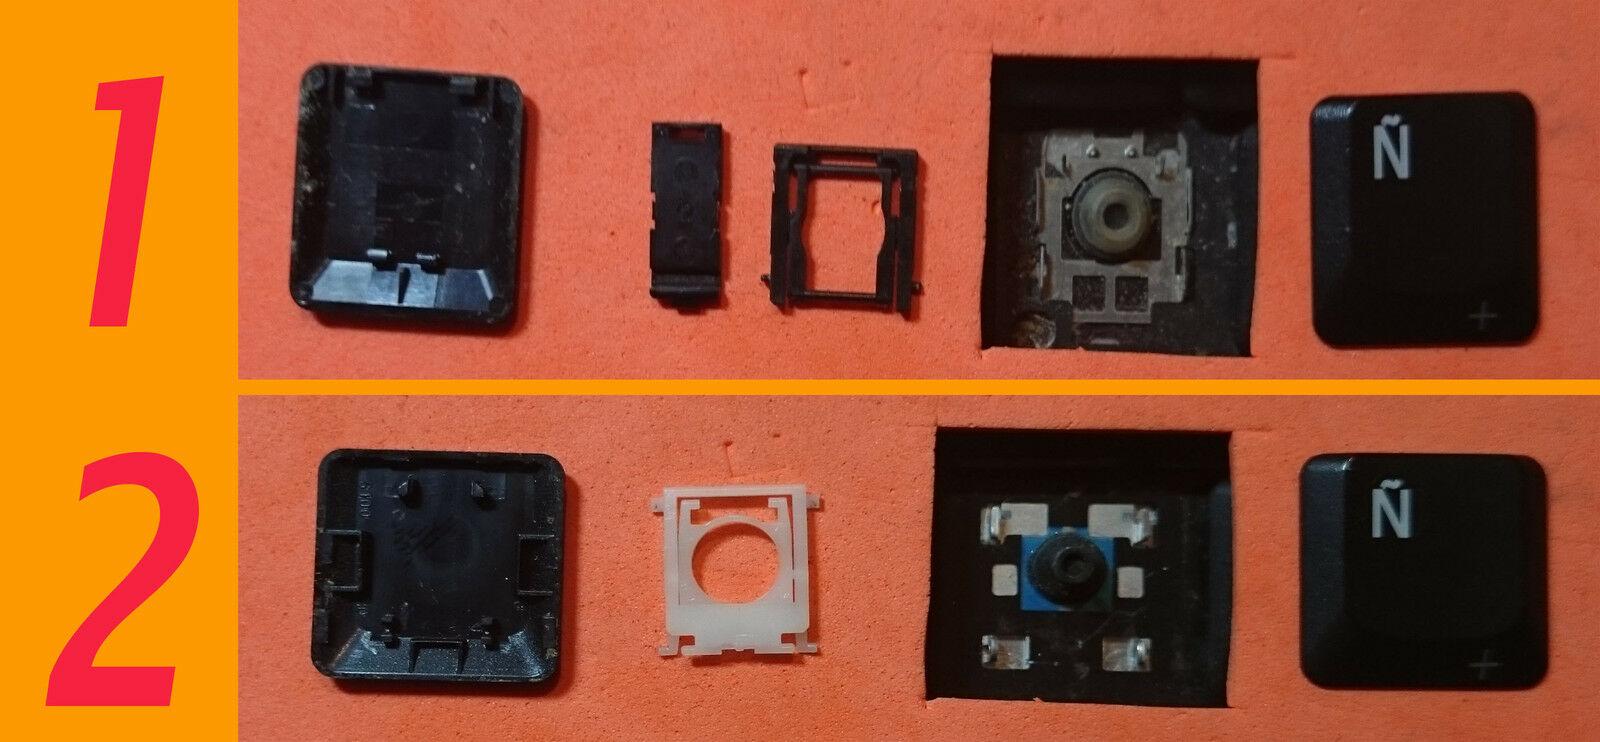 TECLA TECLAS DE TECLADO TOSHIBA TECRA A1 A2 A3 A4 A5 A6 A7 A8